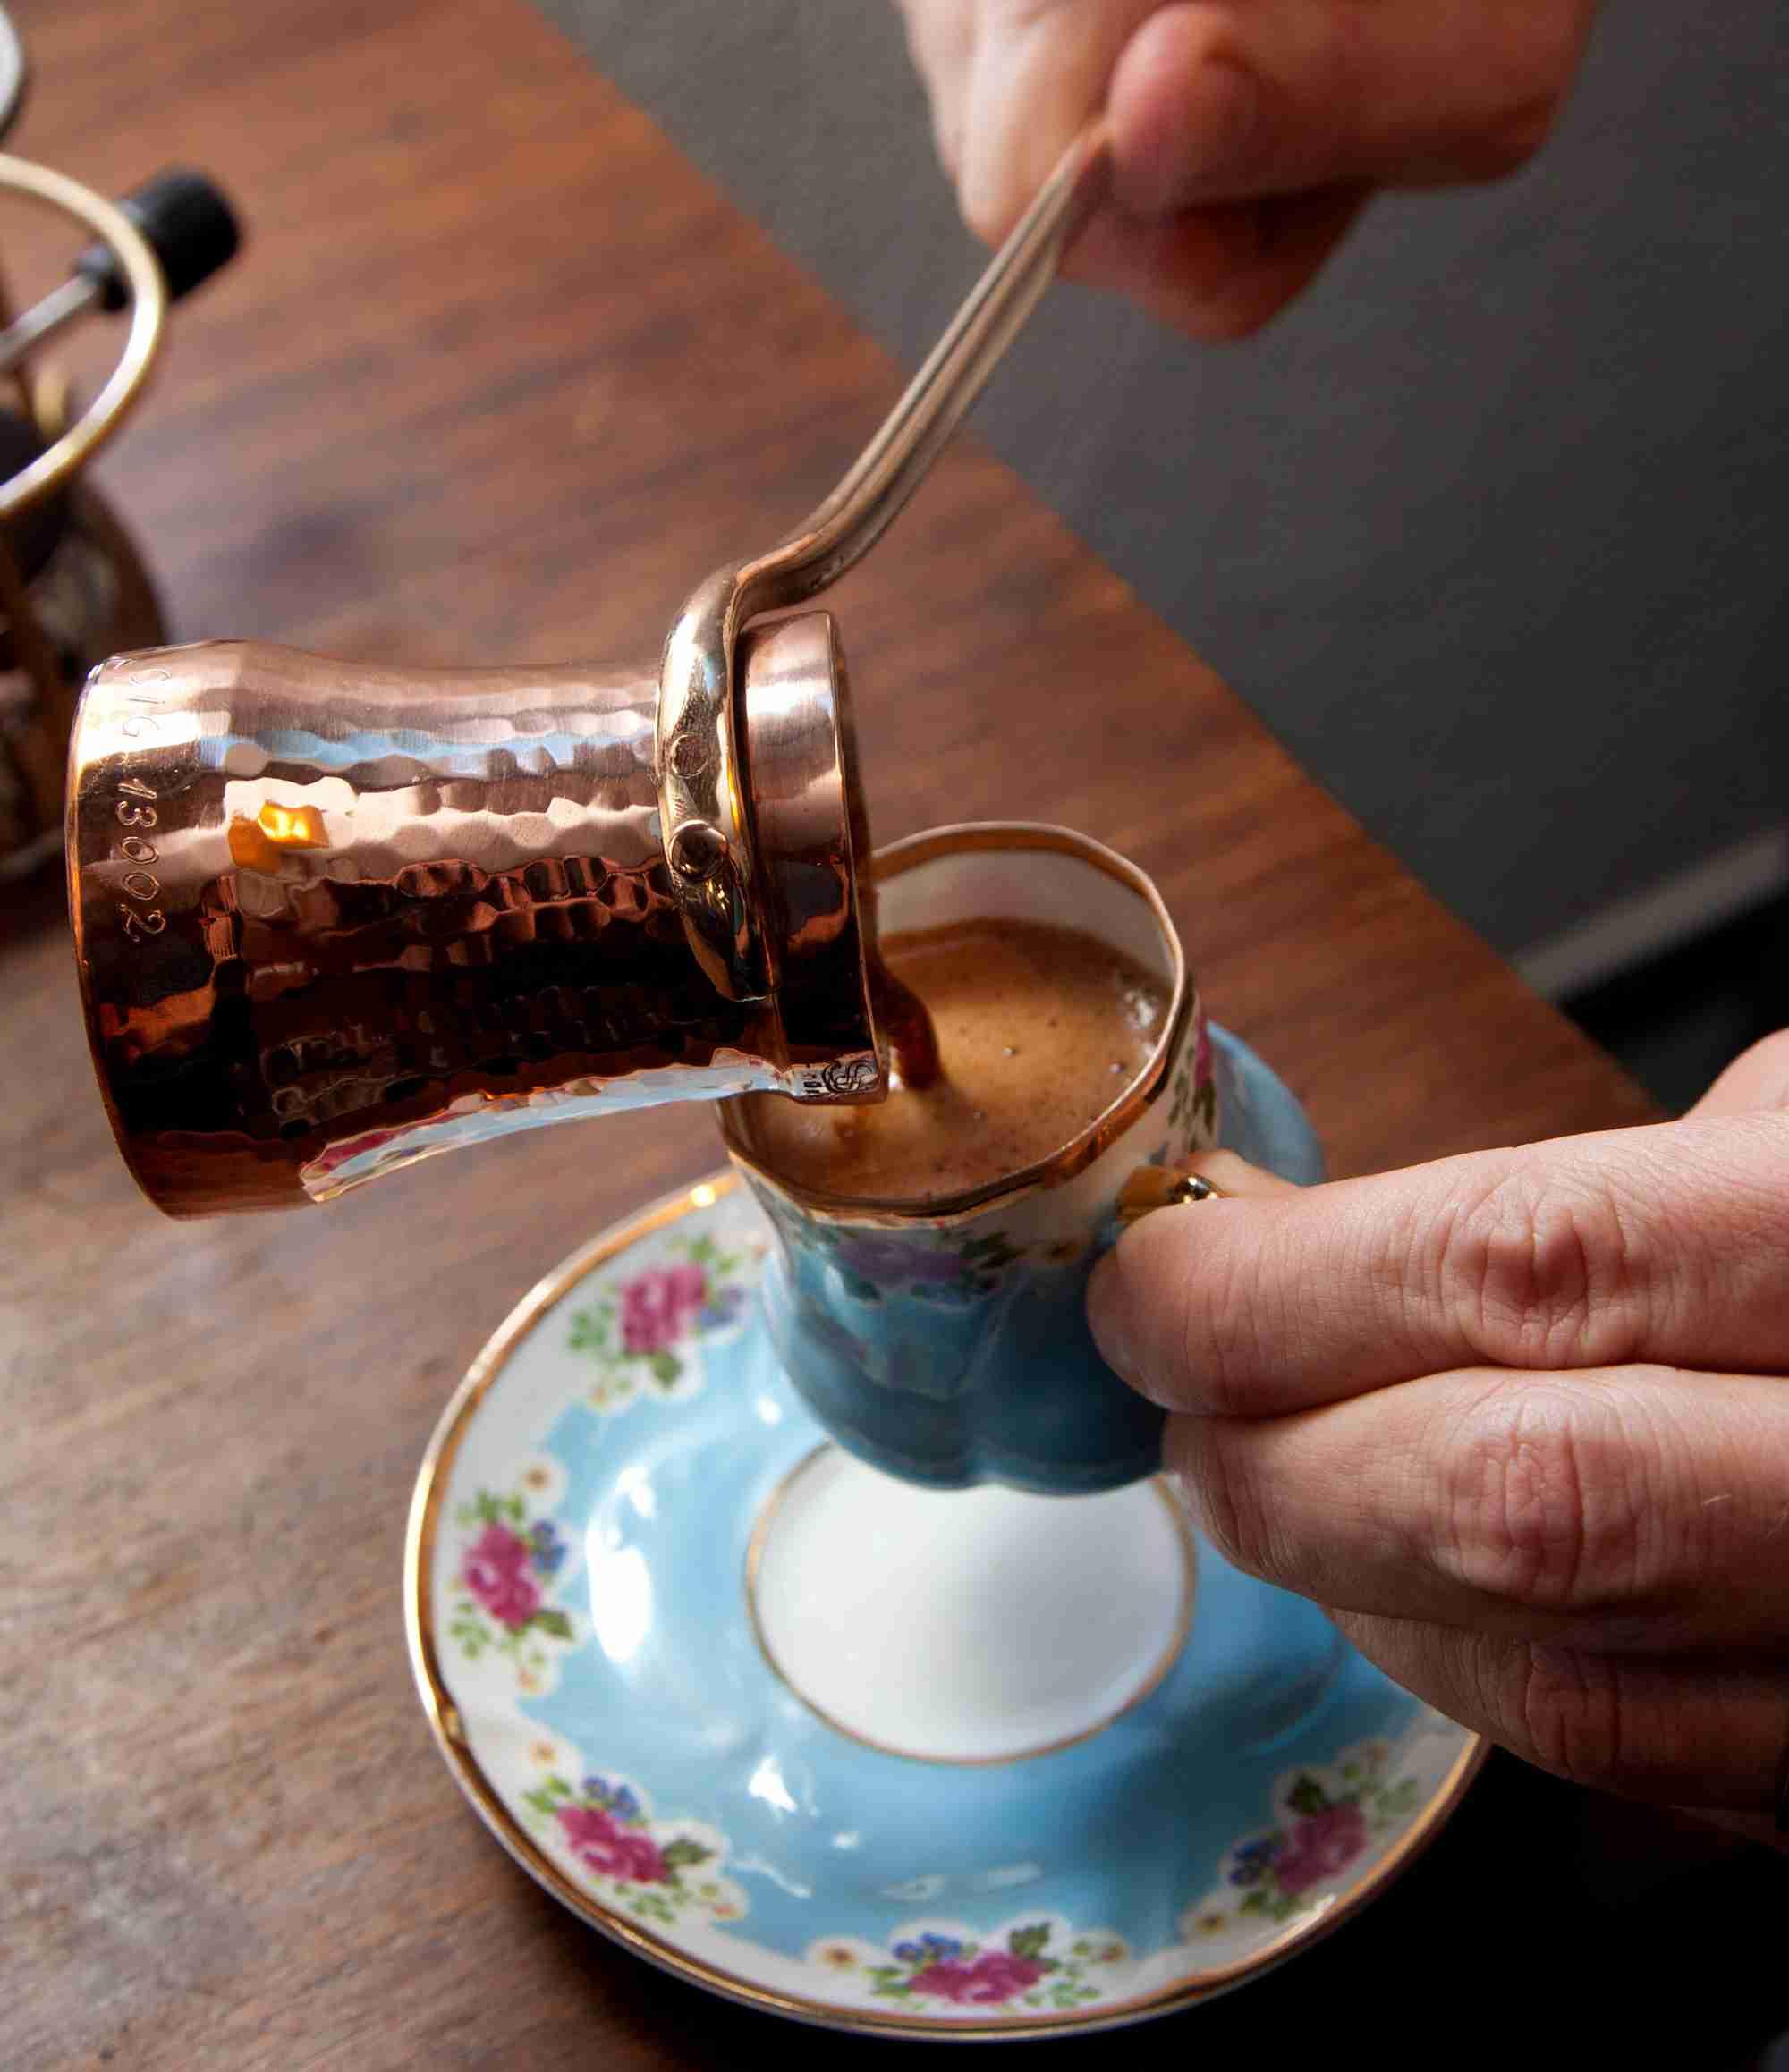 با انواع طعمهای قهوه ترک آشنا شوید